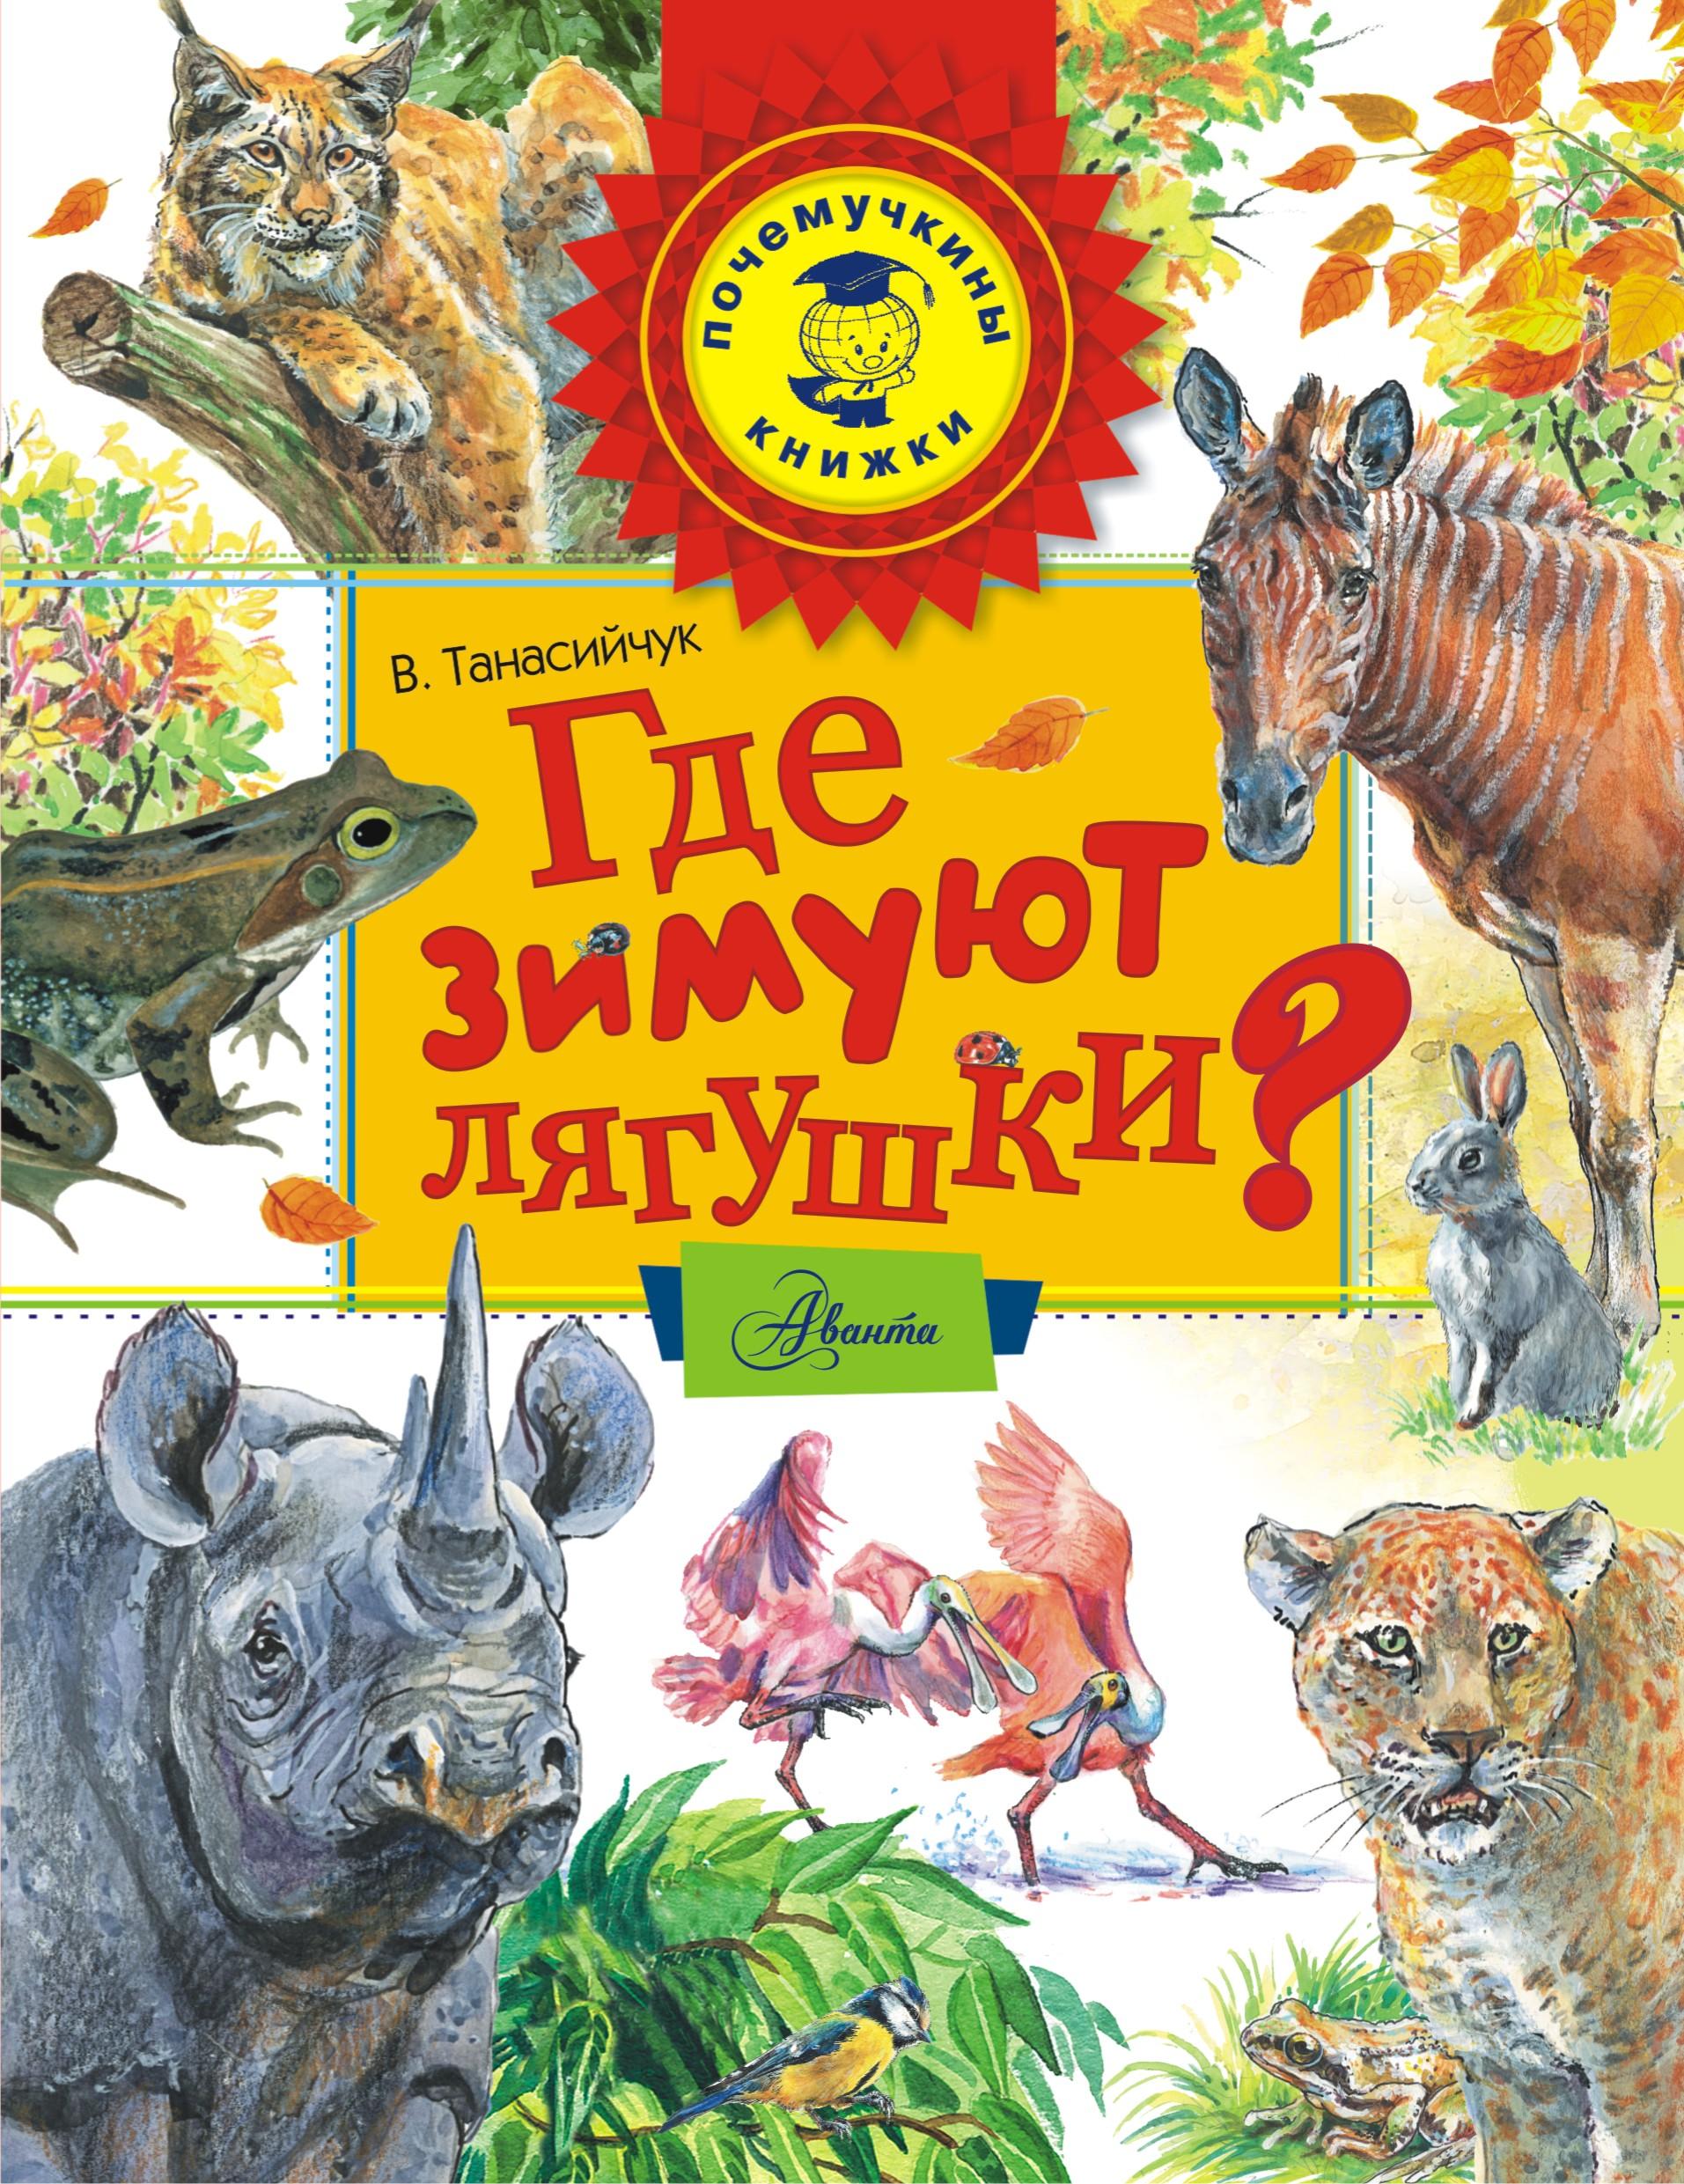 Виталий Танасийчук. Где зимуют лягушки?